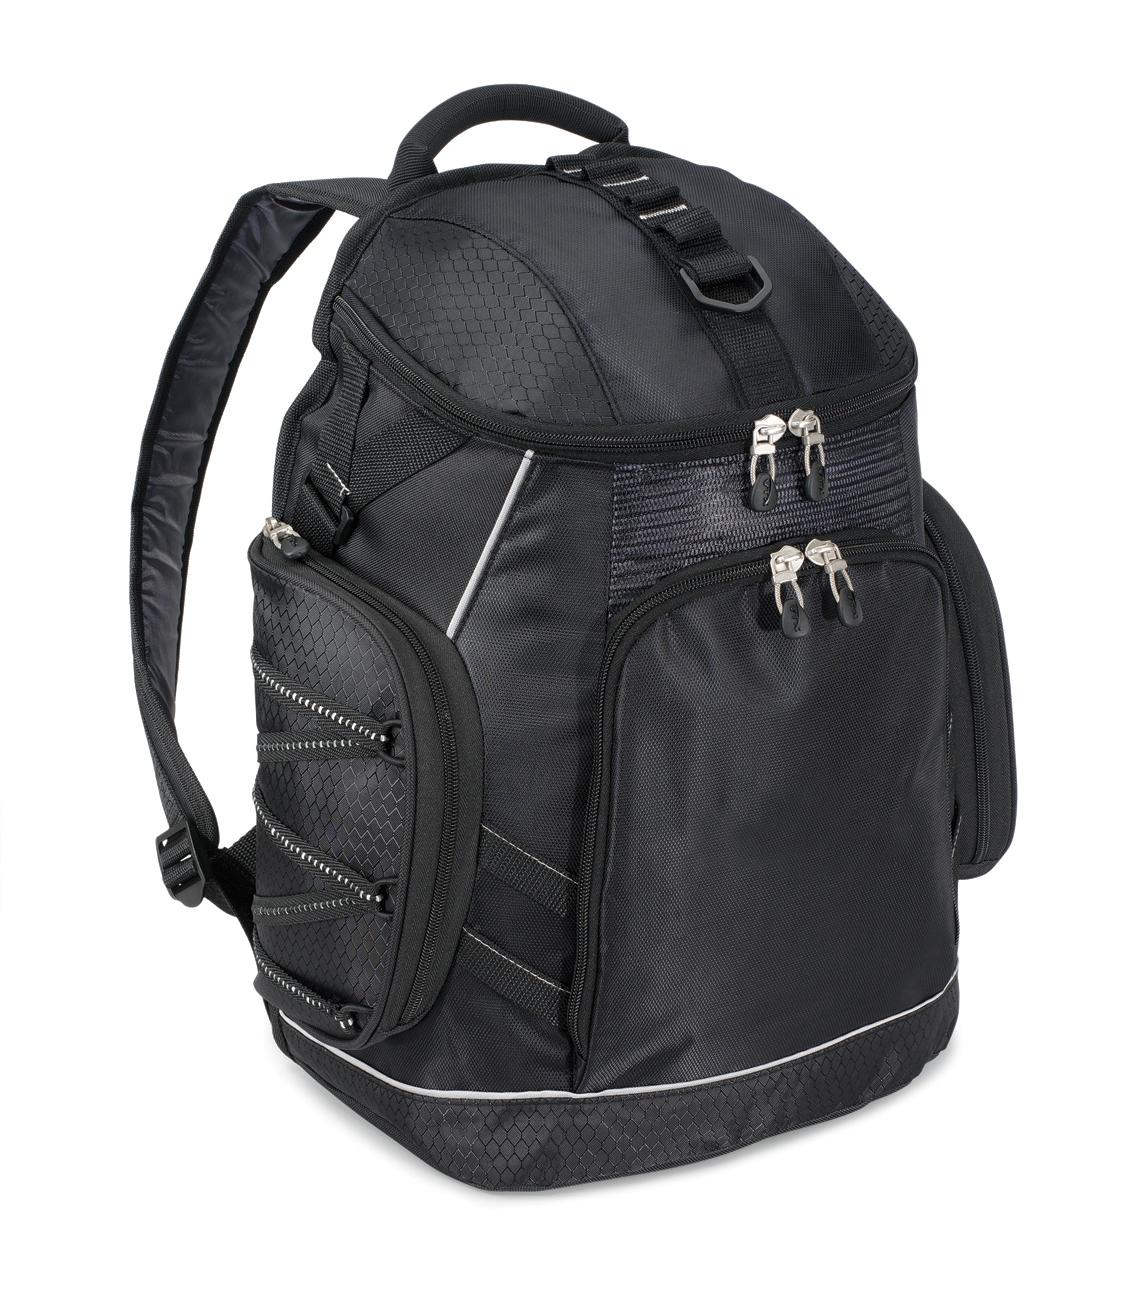 Vertex 5377 - Trek Computer Backpack